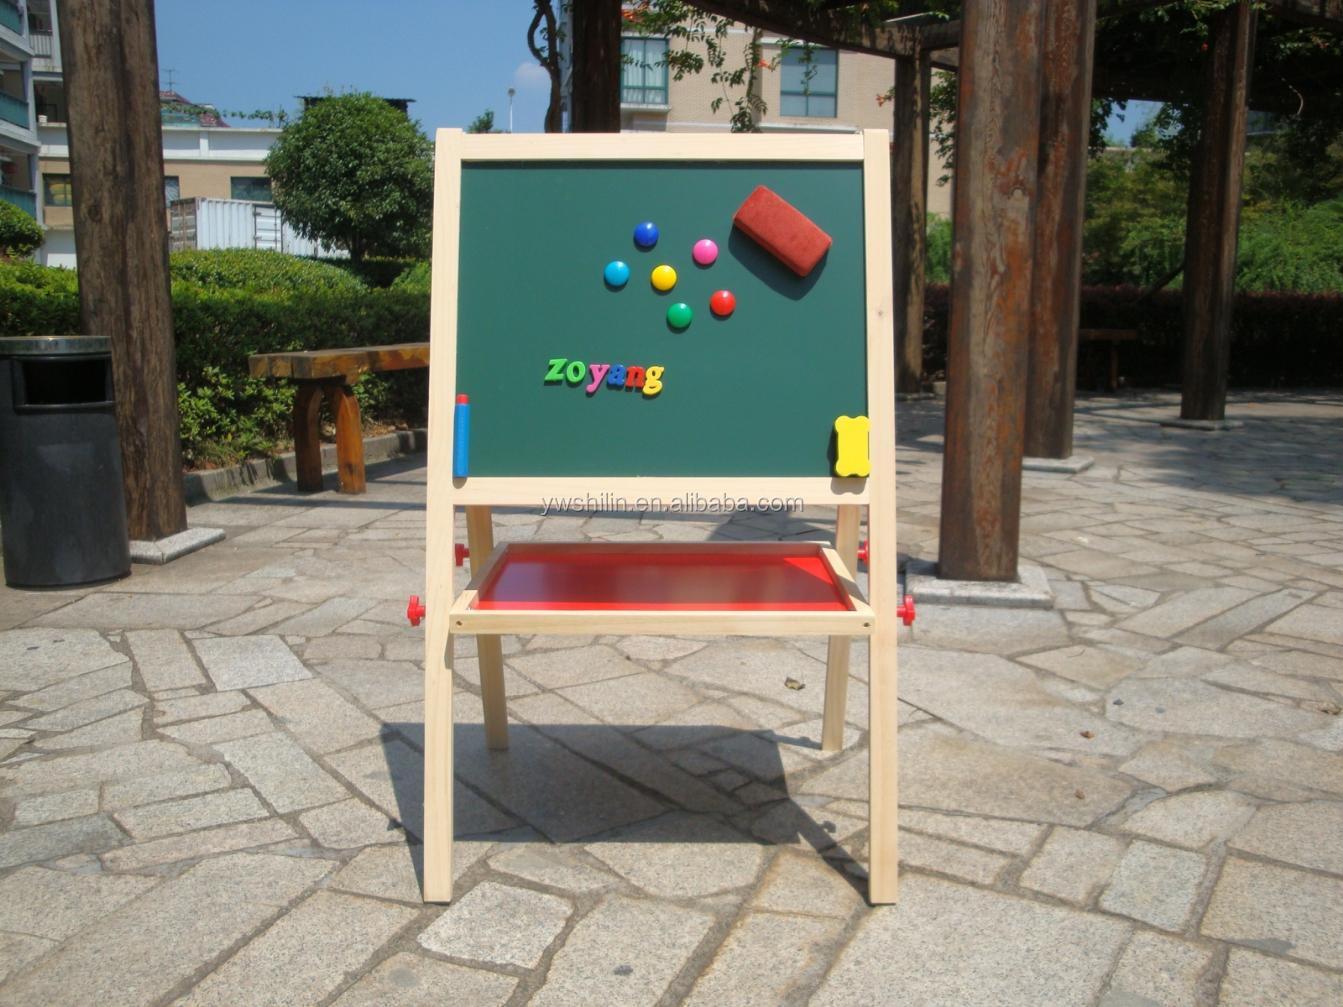 Houten stoel board tekeningen berichten bureaus voor kinderen foto reclame product zand - Bureau kinderen ...